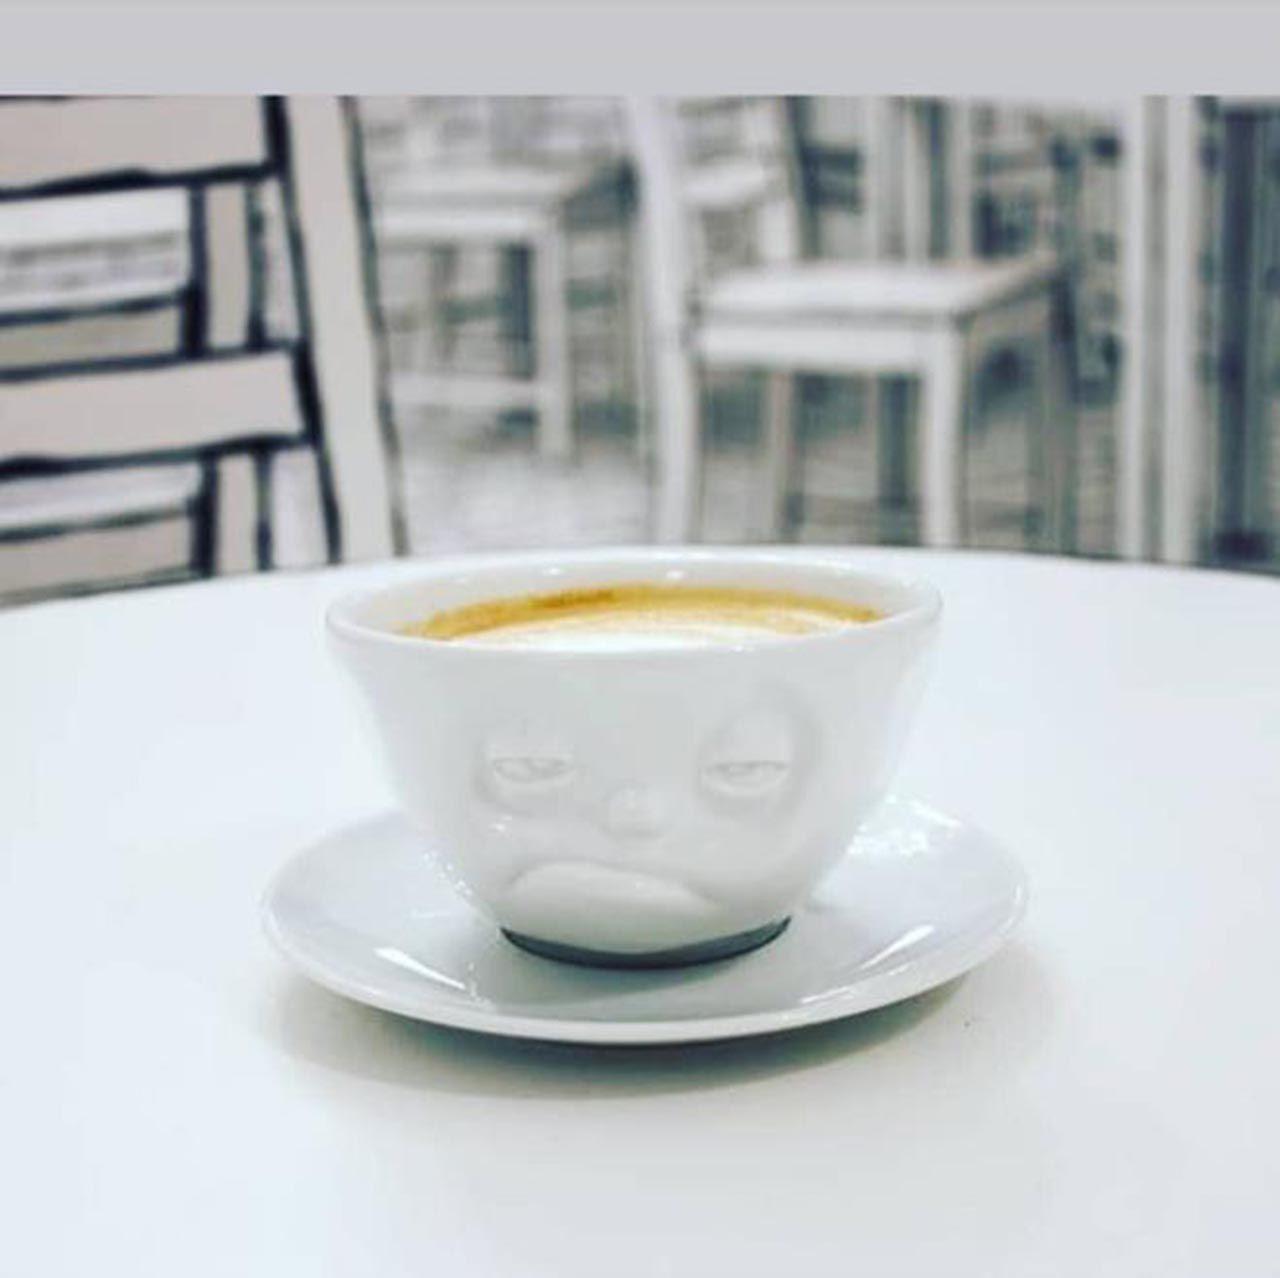 Kahve ve çizgi roman severlere... Bu kafeye gidenin gerçeklik algısı altüst oluyor - Resim: 4